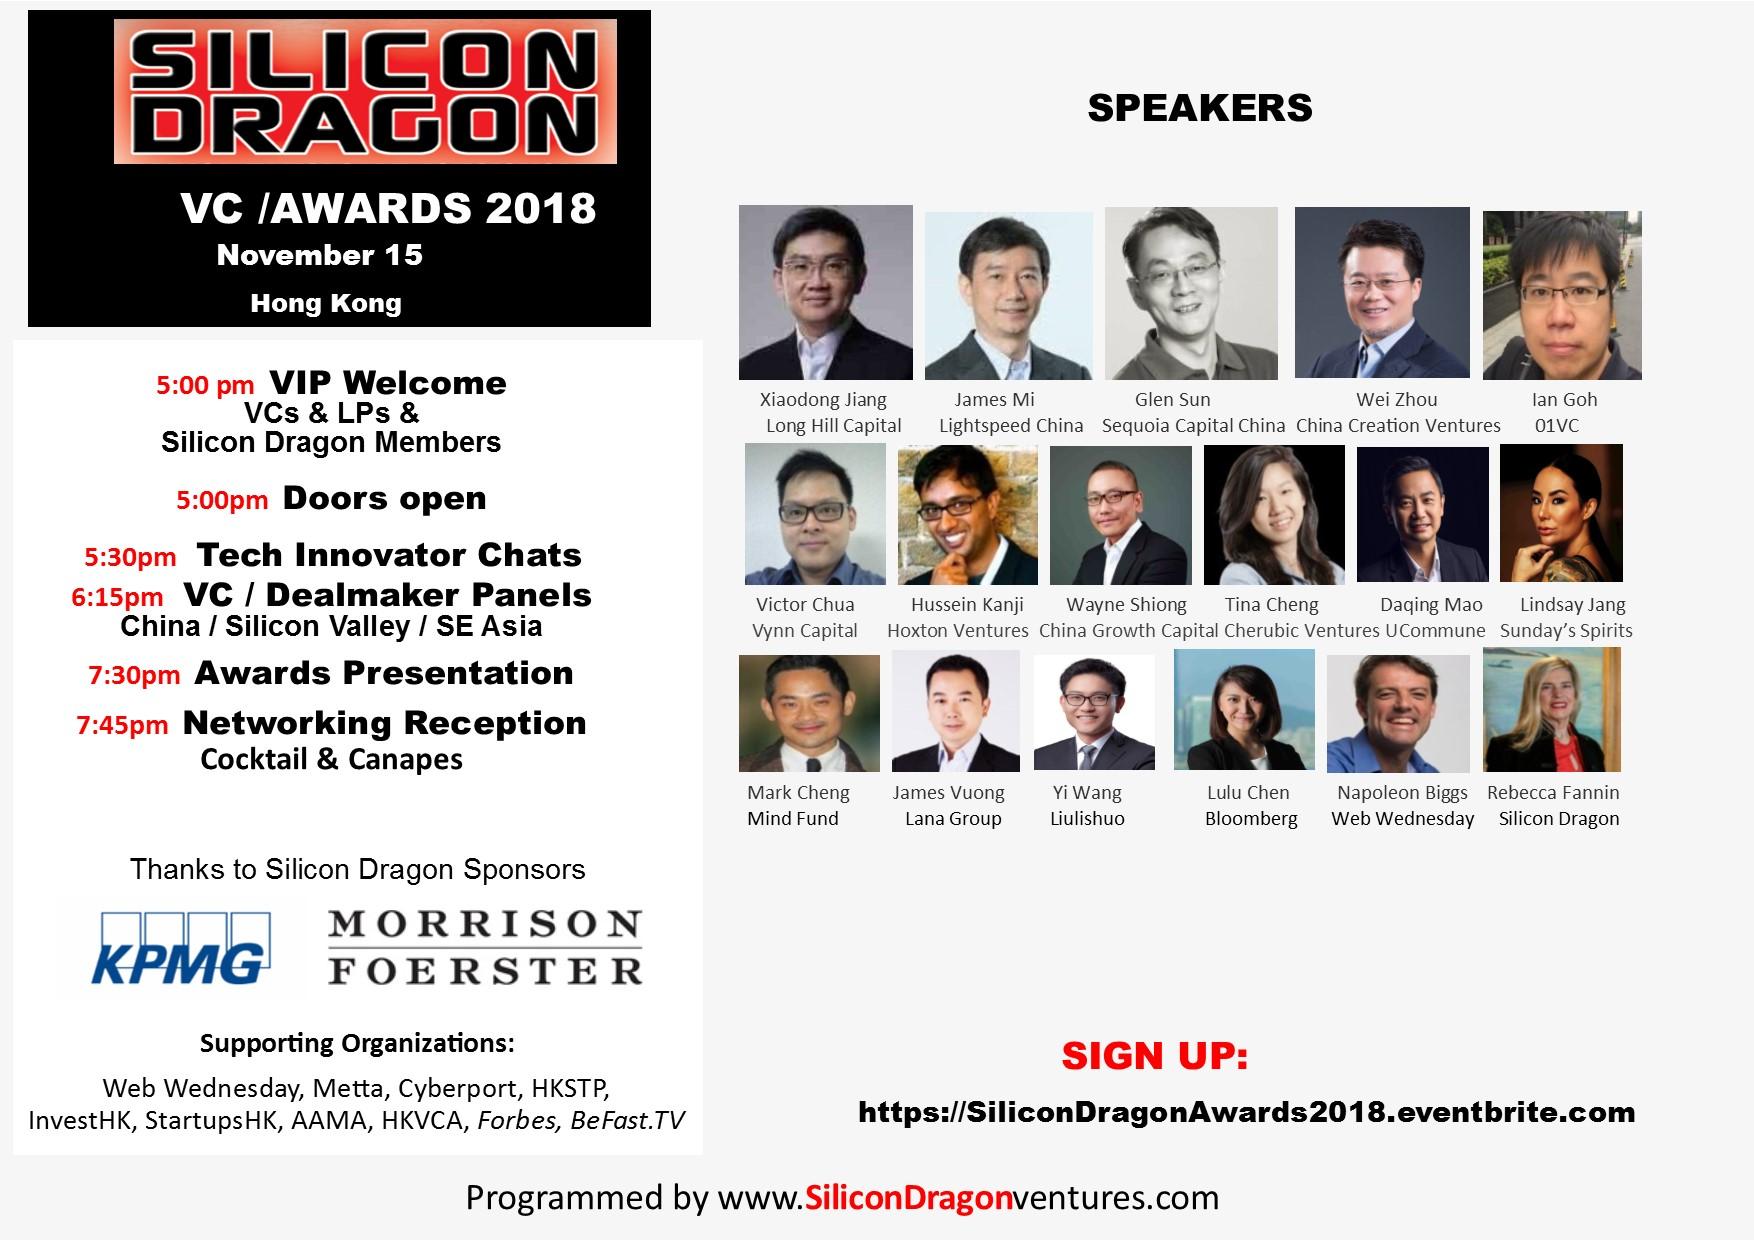 Silicon Dragon Ventures & Awards 2018